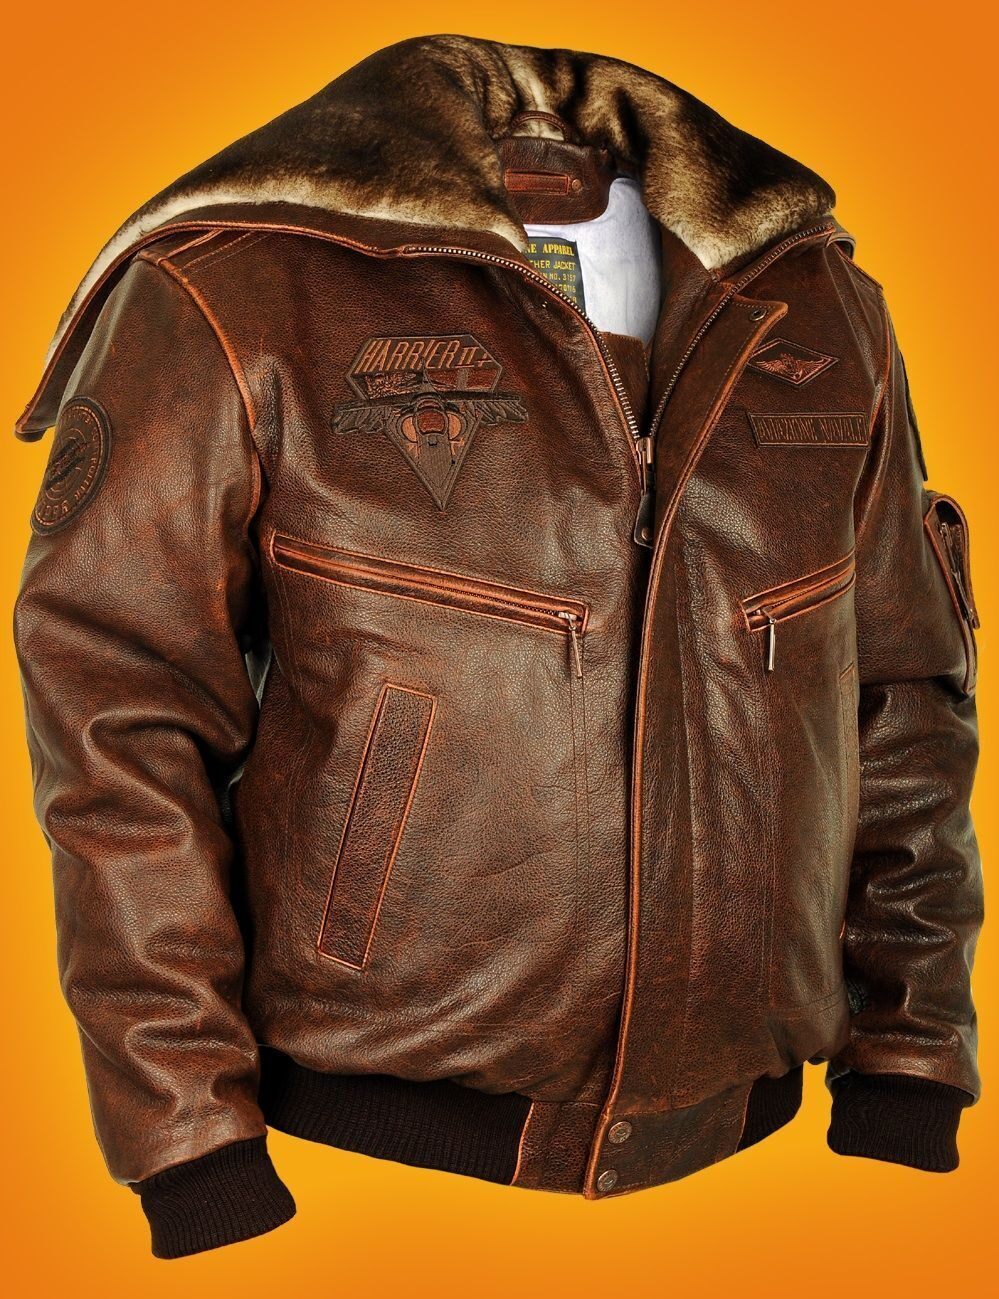 Купить Меховую Куртку Пилот Сша